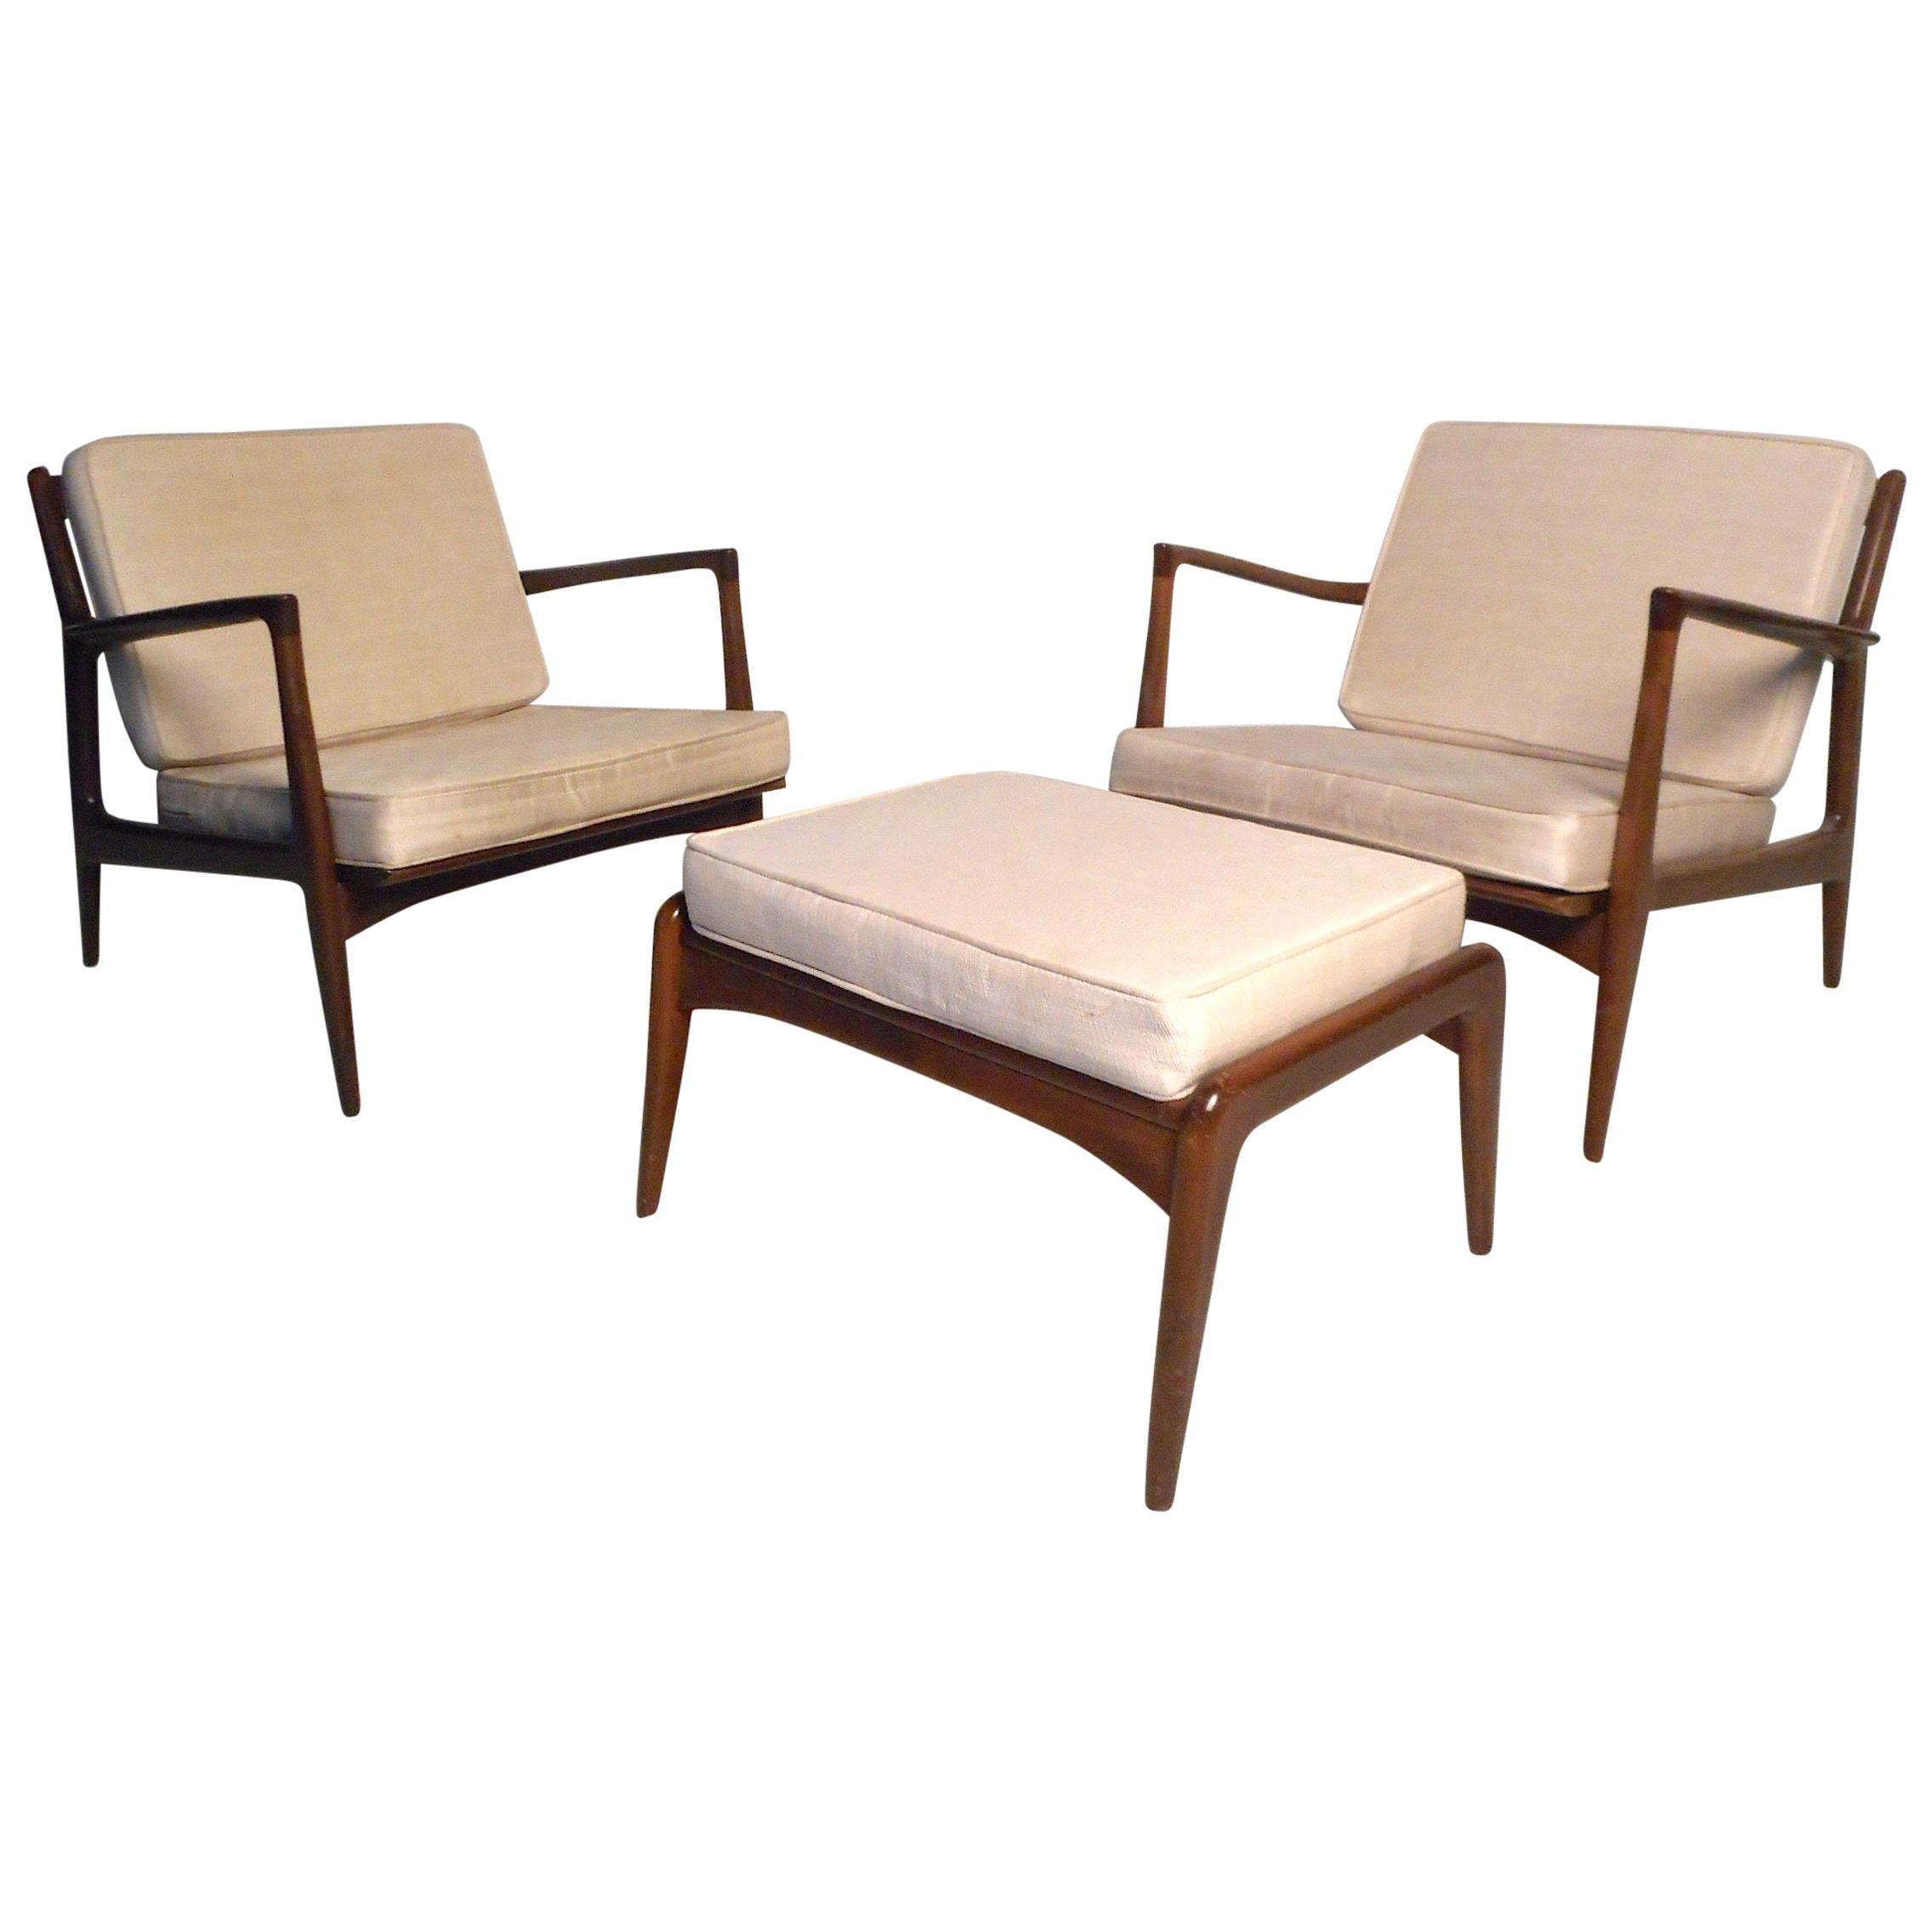 Danish Modern Lounge Chairs and Ottoman by Kofod-Larsen